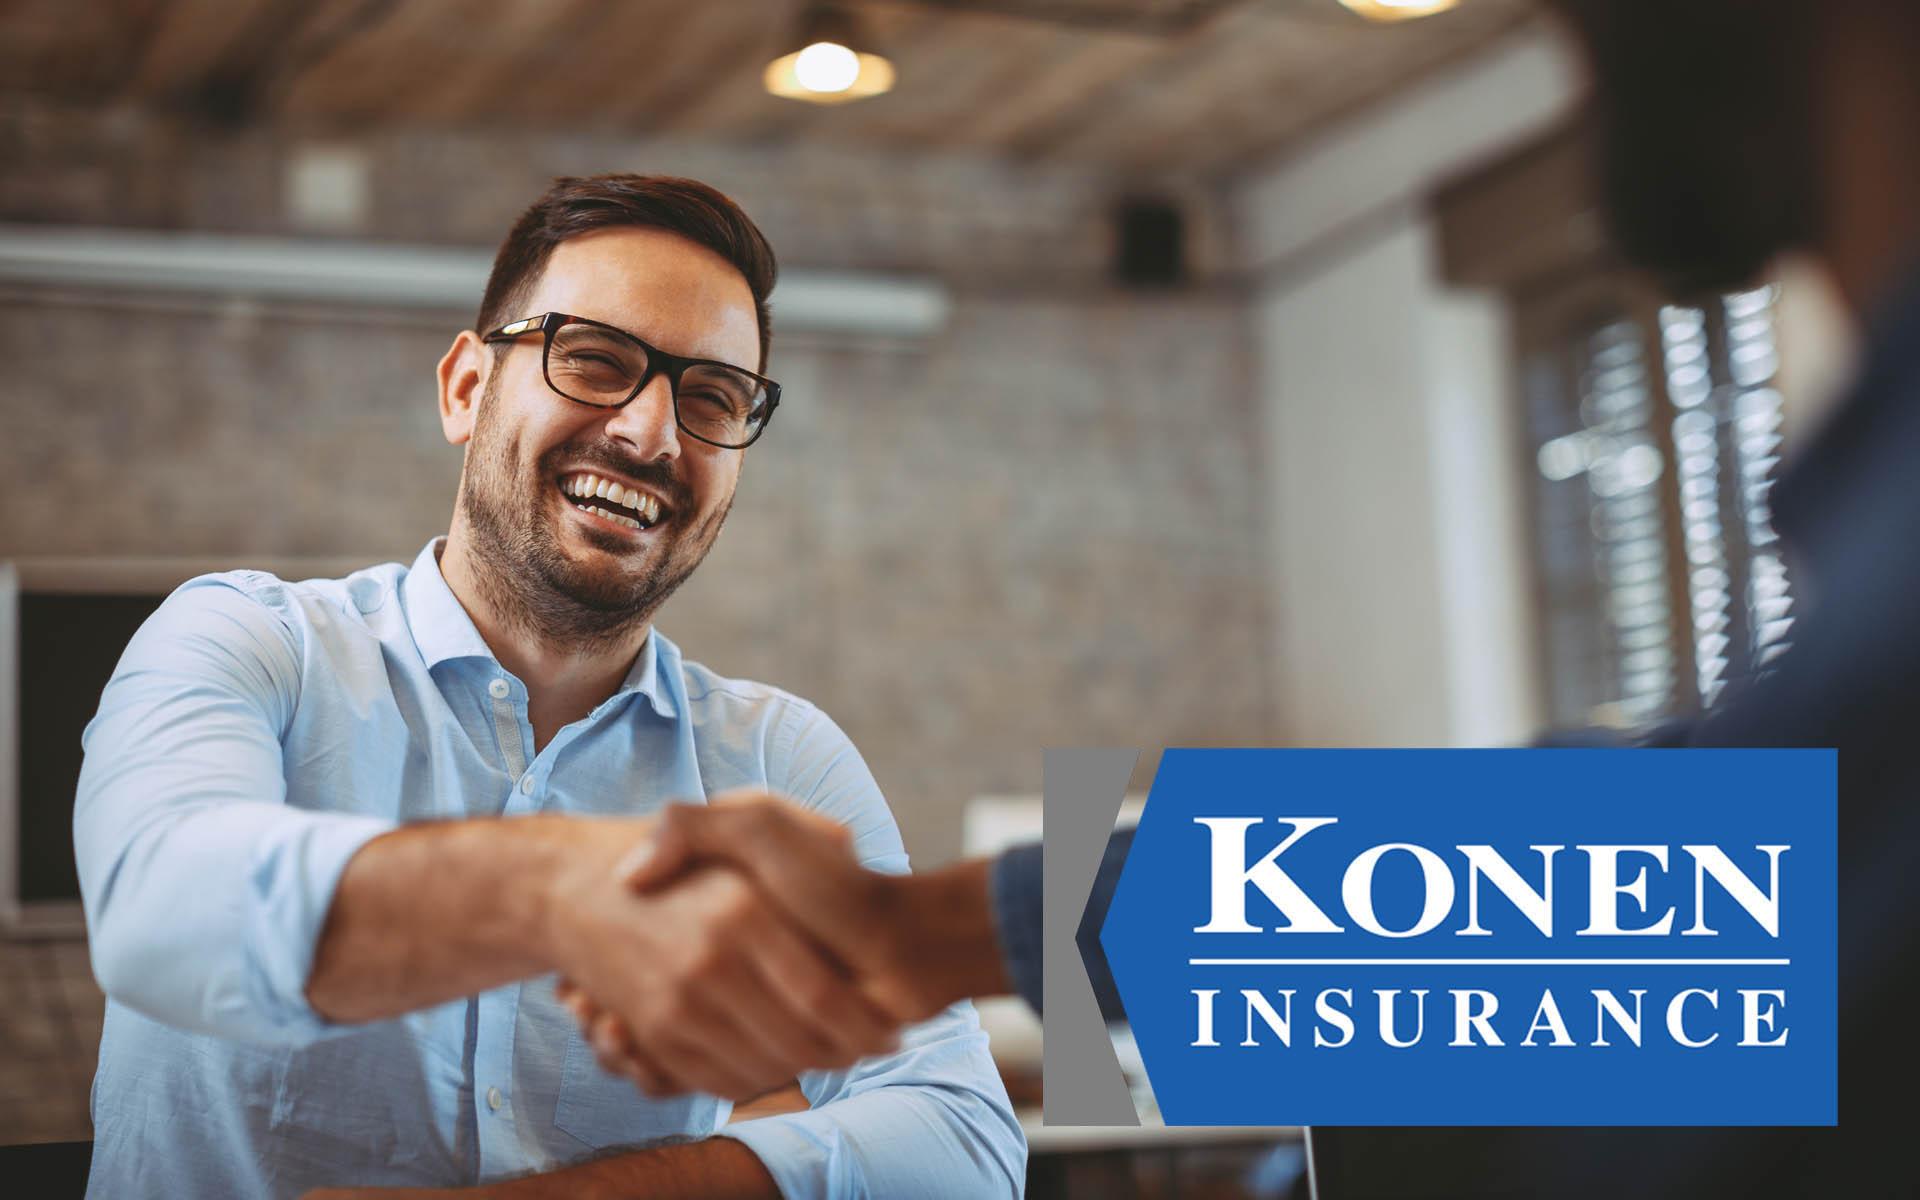 Konen Insurance - Video